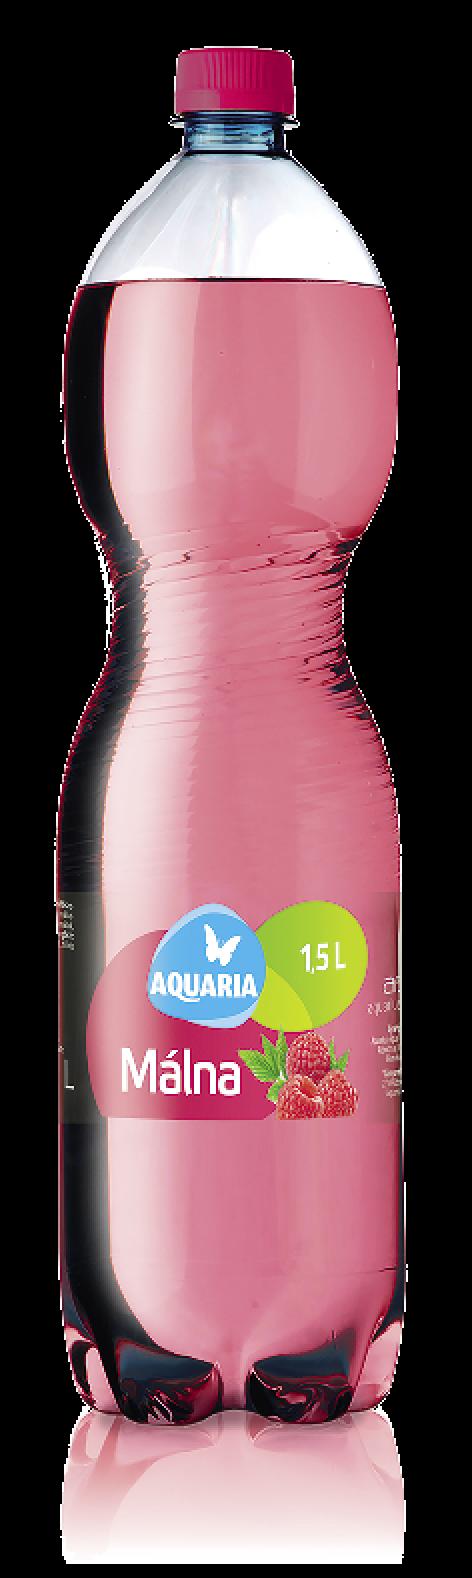 Aquaria üdítőitalok